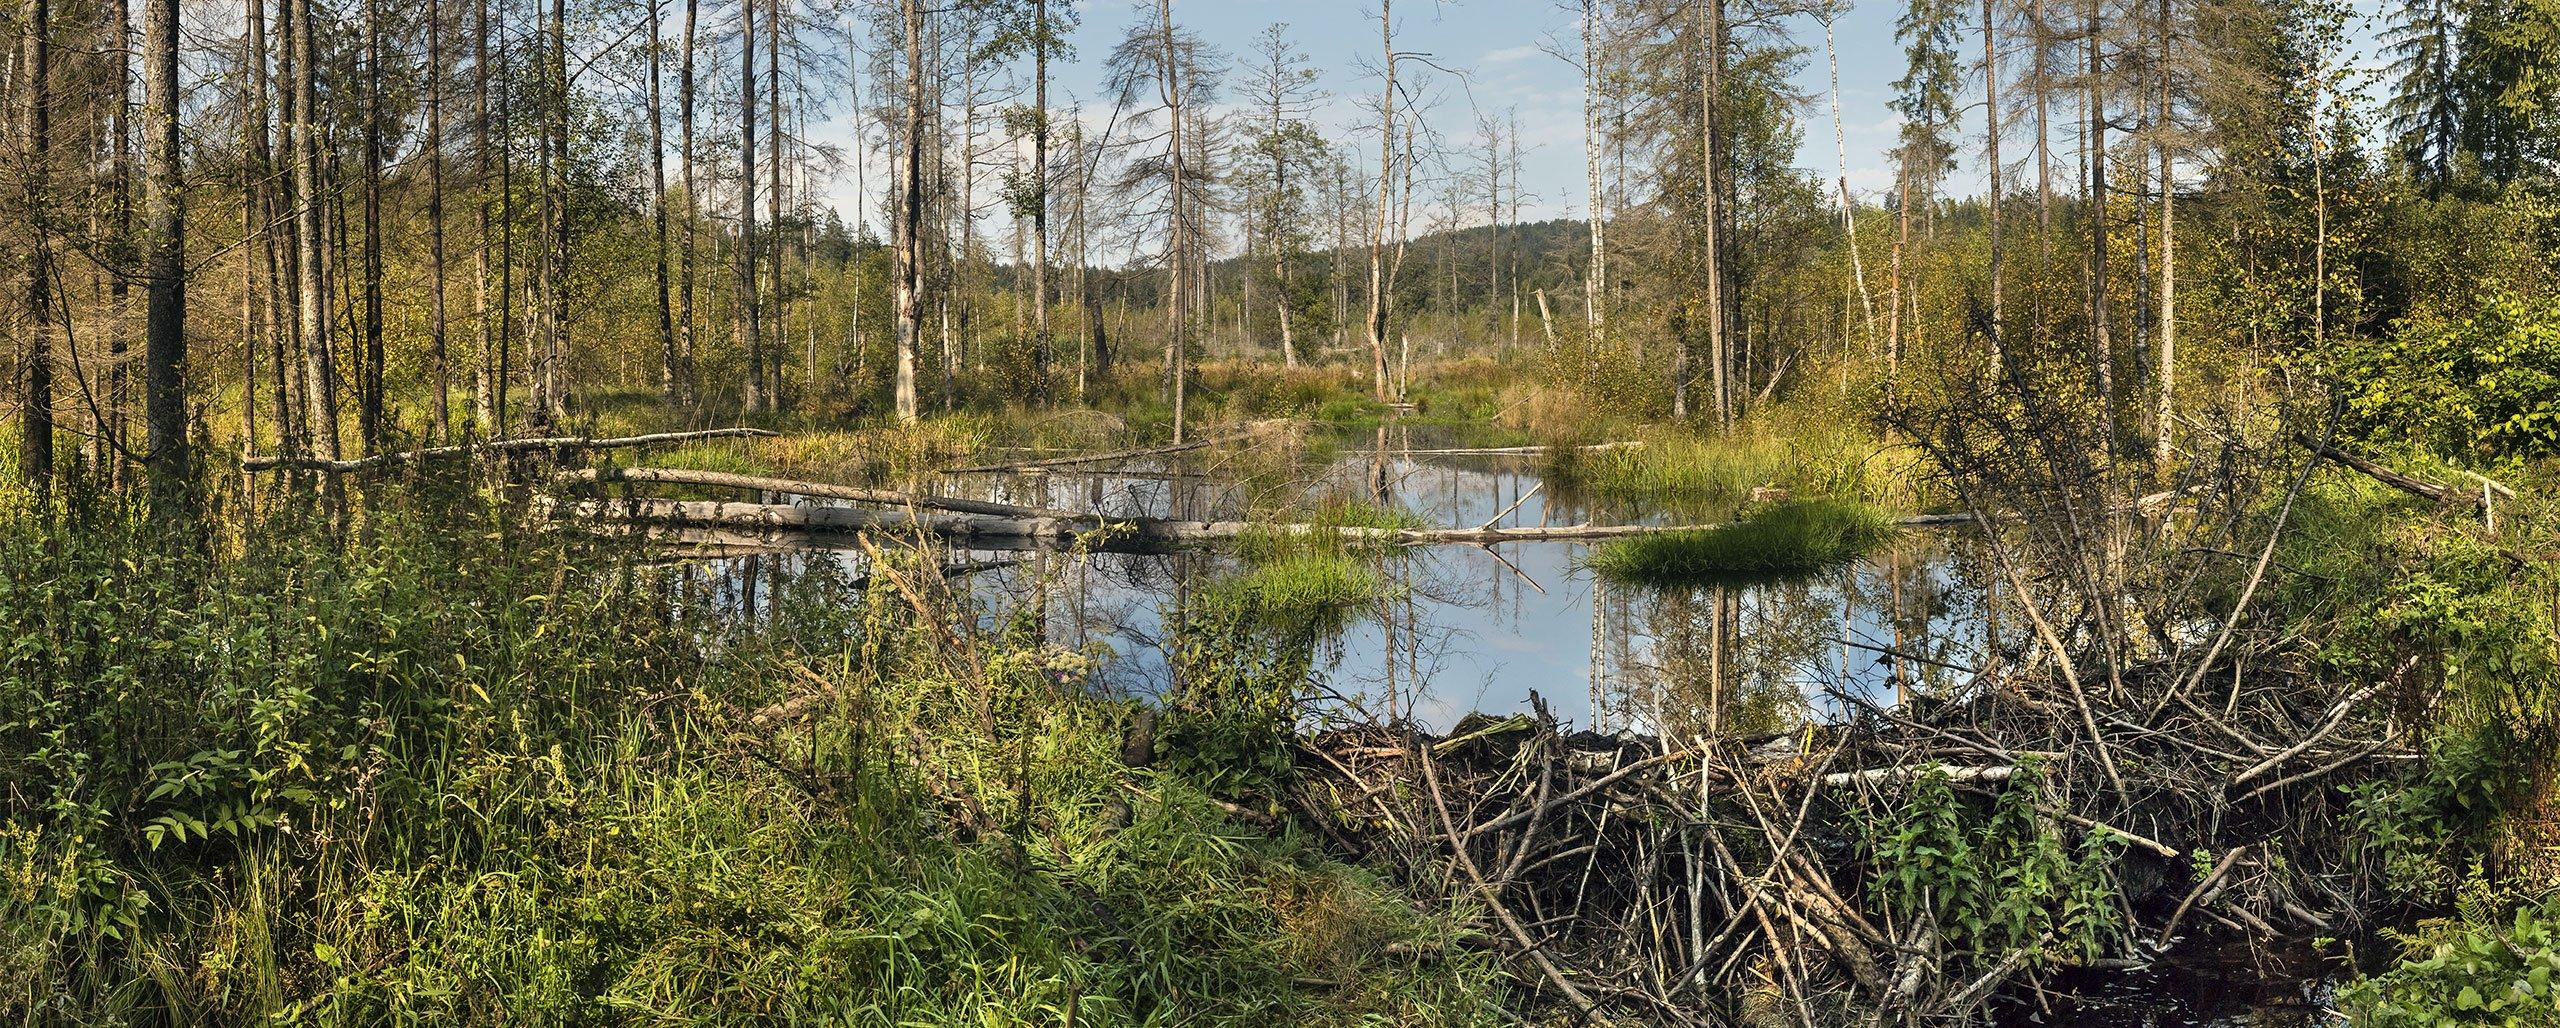 FILZWALD - Nationalpark Bayerischer Wald